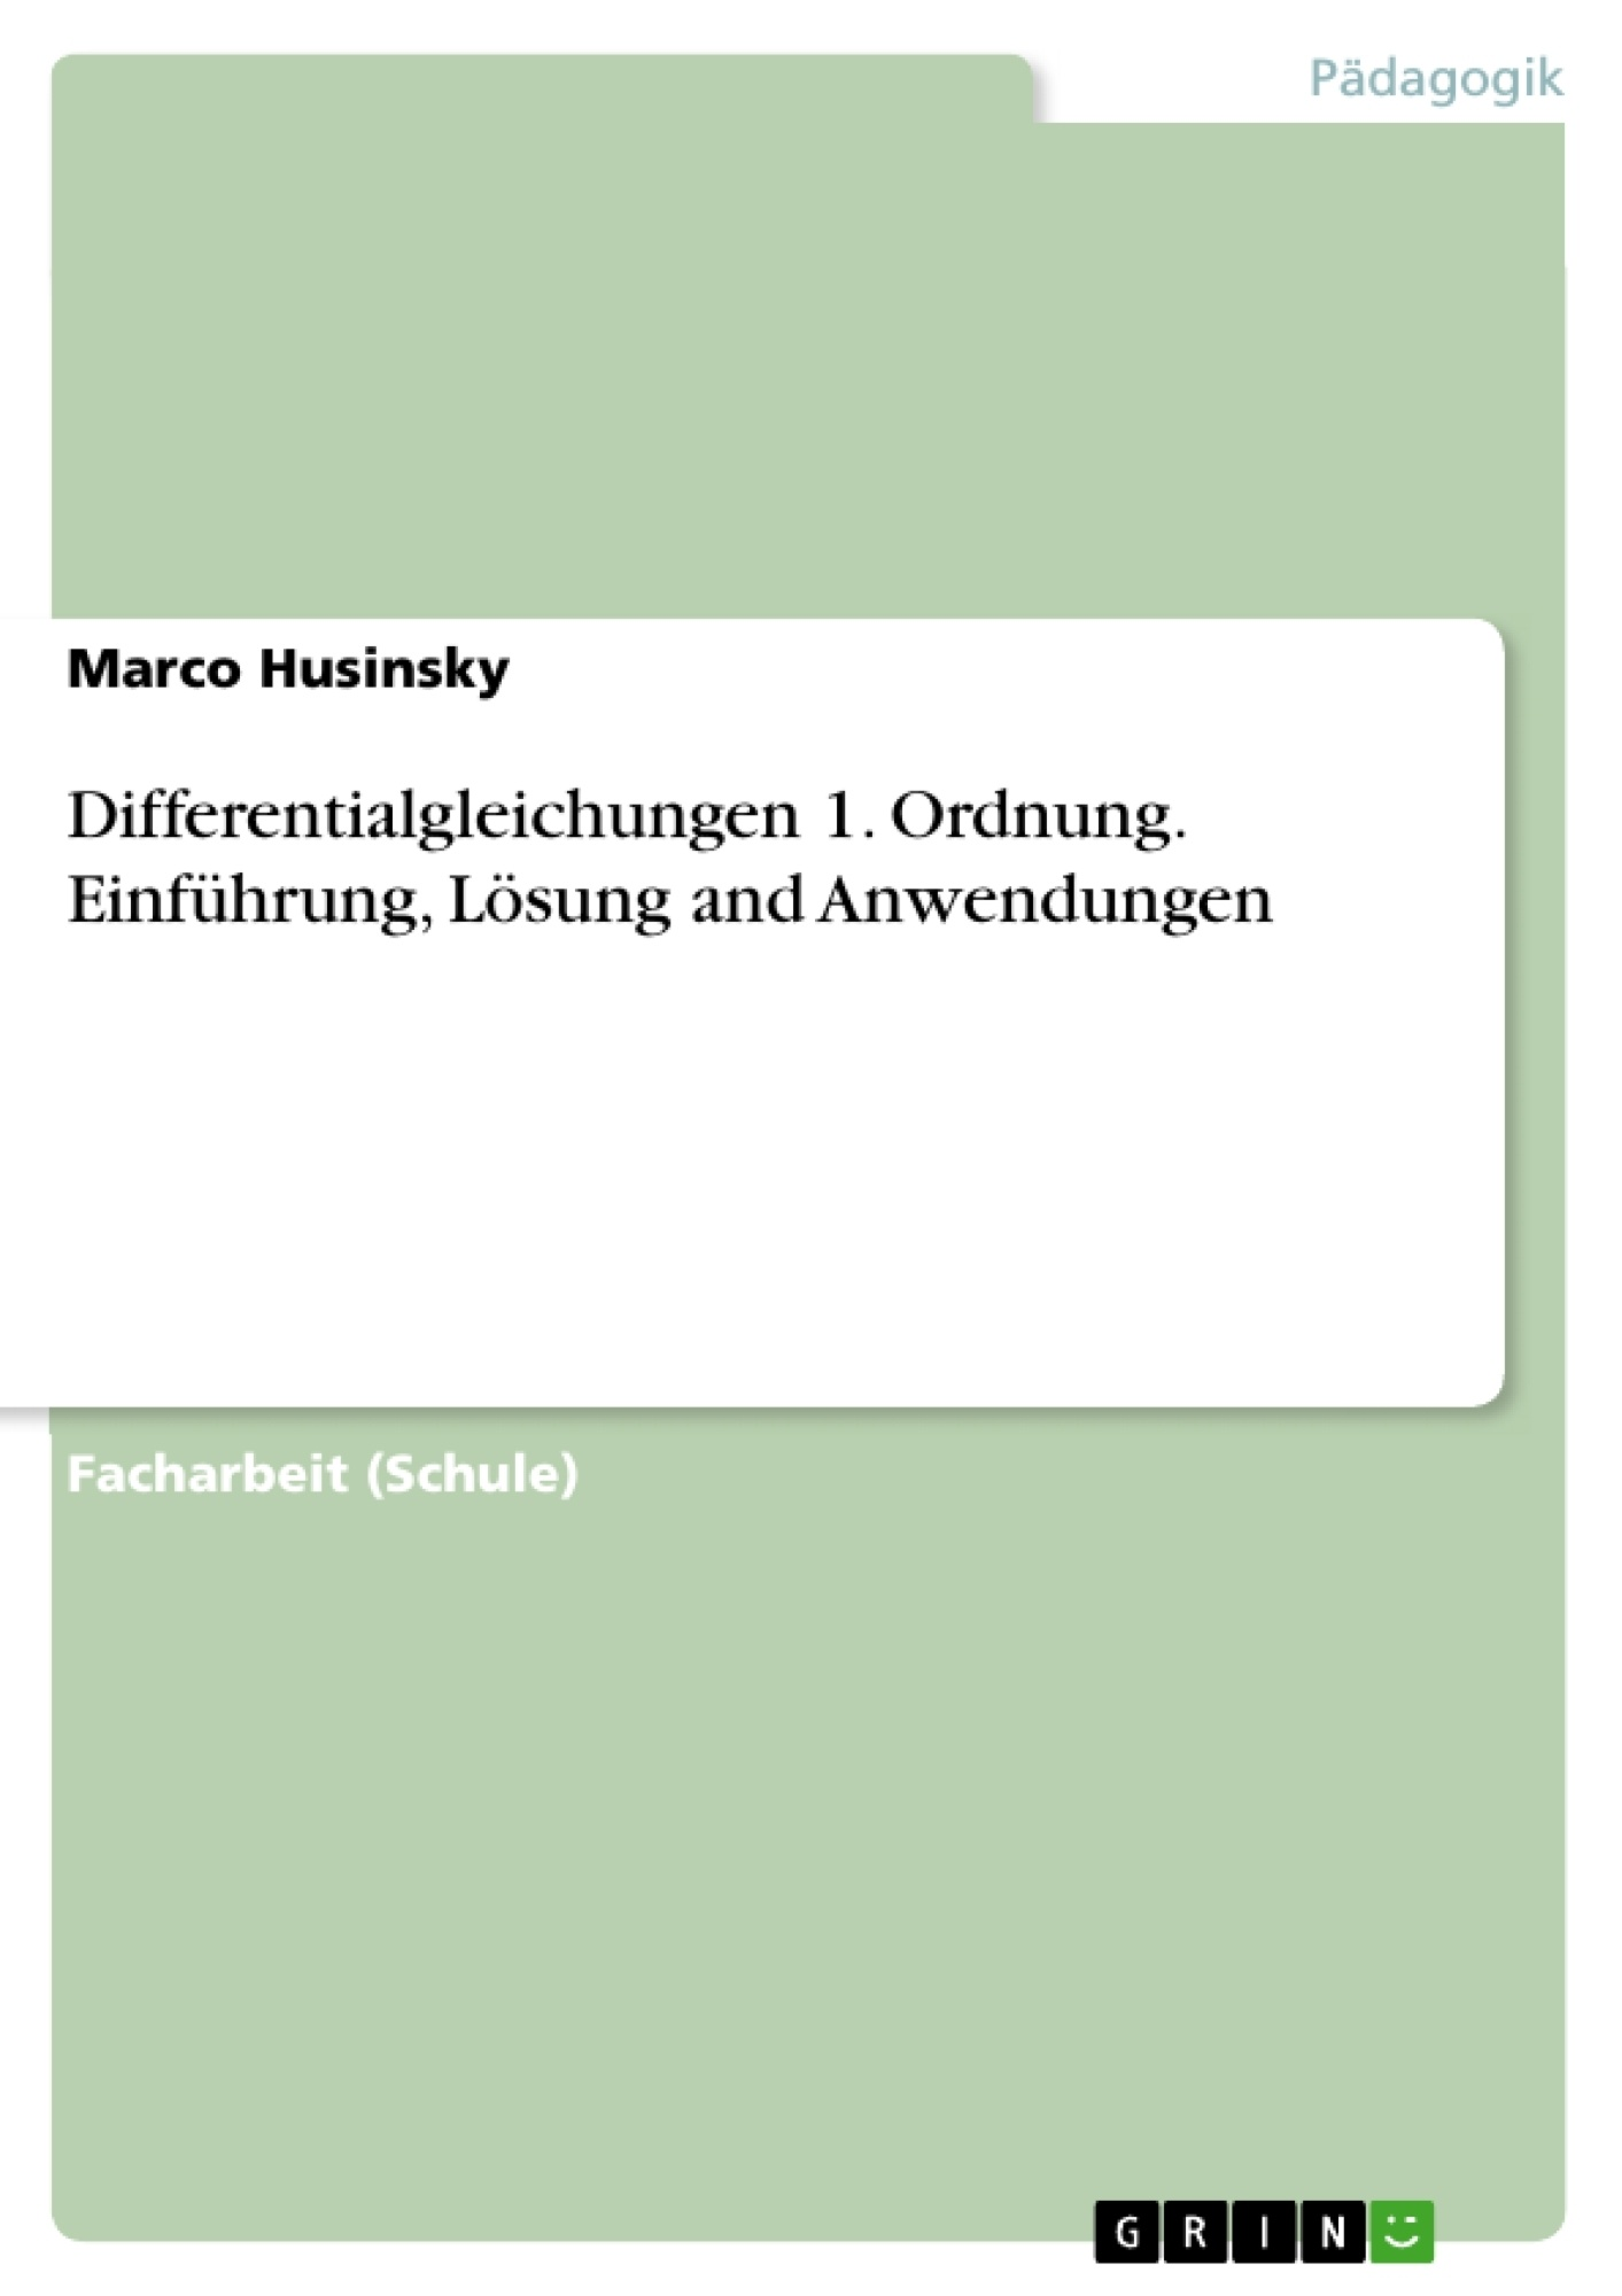 Titel: Differentialgleichungen 1. Ordnung. Einführung, Lösung and Anwendungen